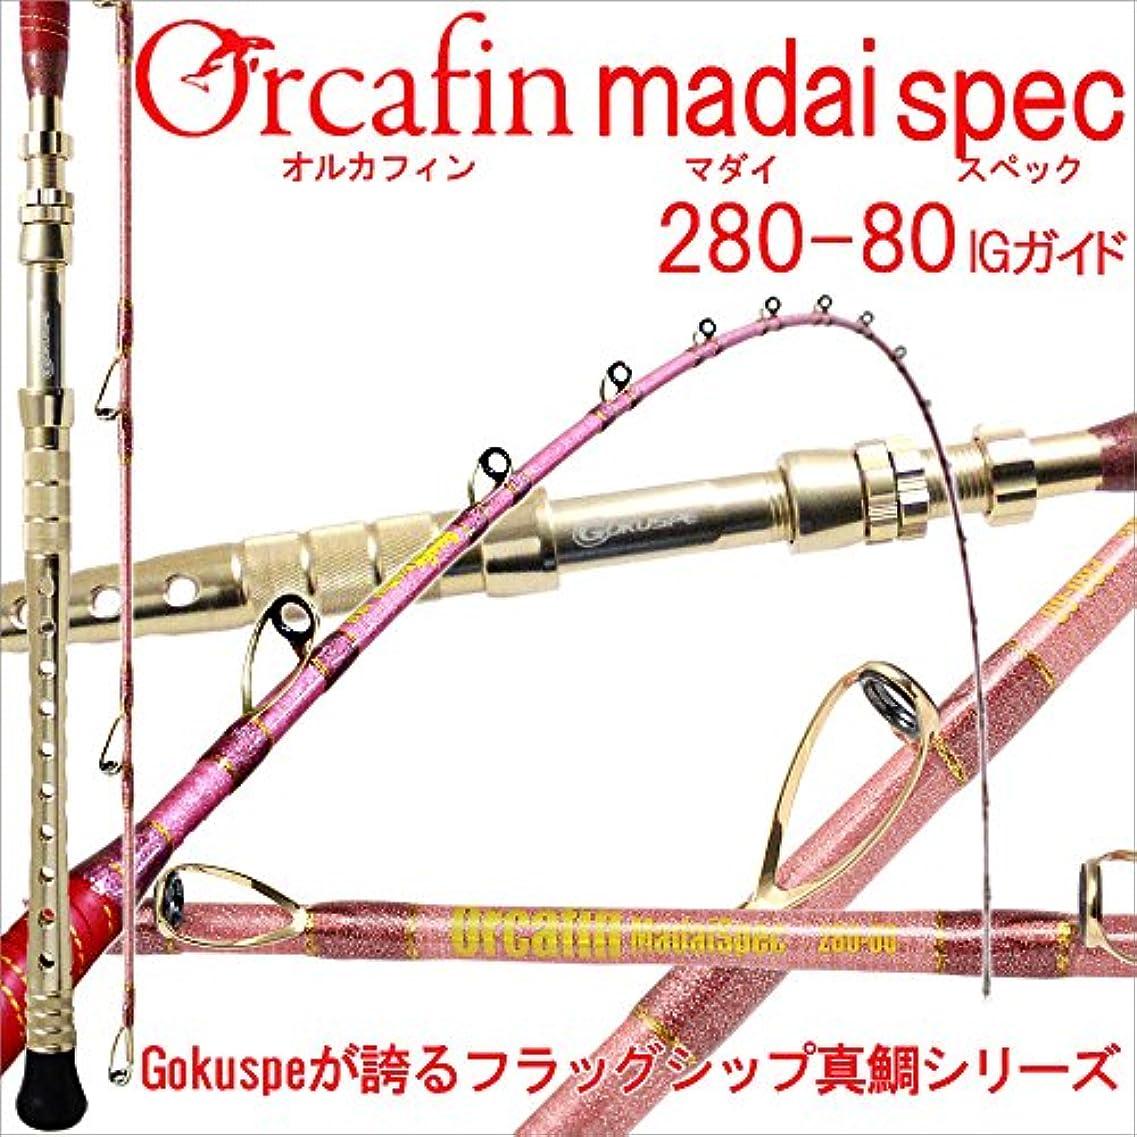 フロントある廃止Gokuspe最高級 超軟調総糸巻 ORCAFIN 真鯛Spec280-80号 IGタイプ (280017-ig)